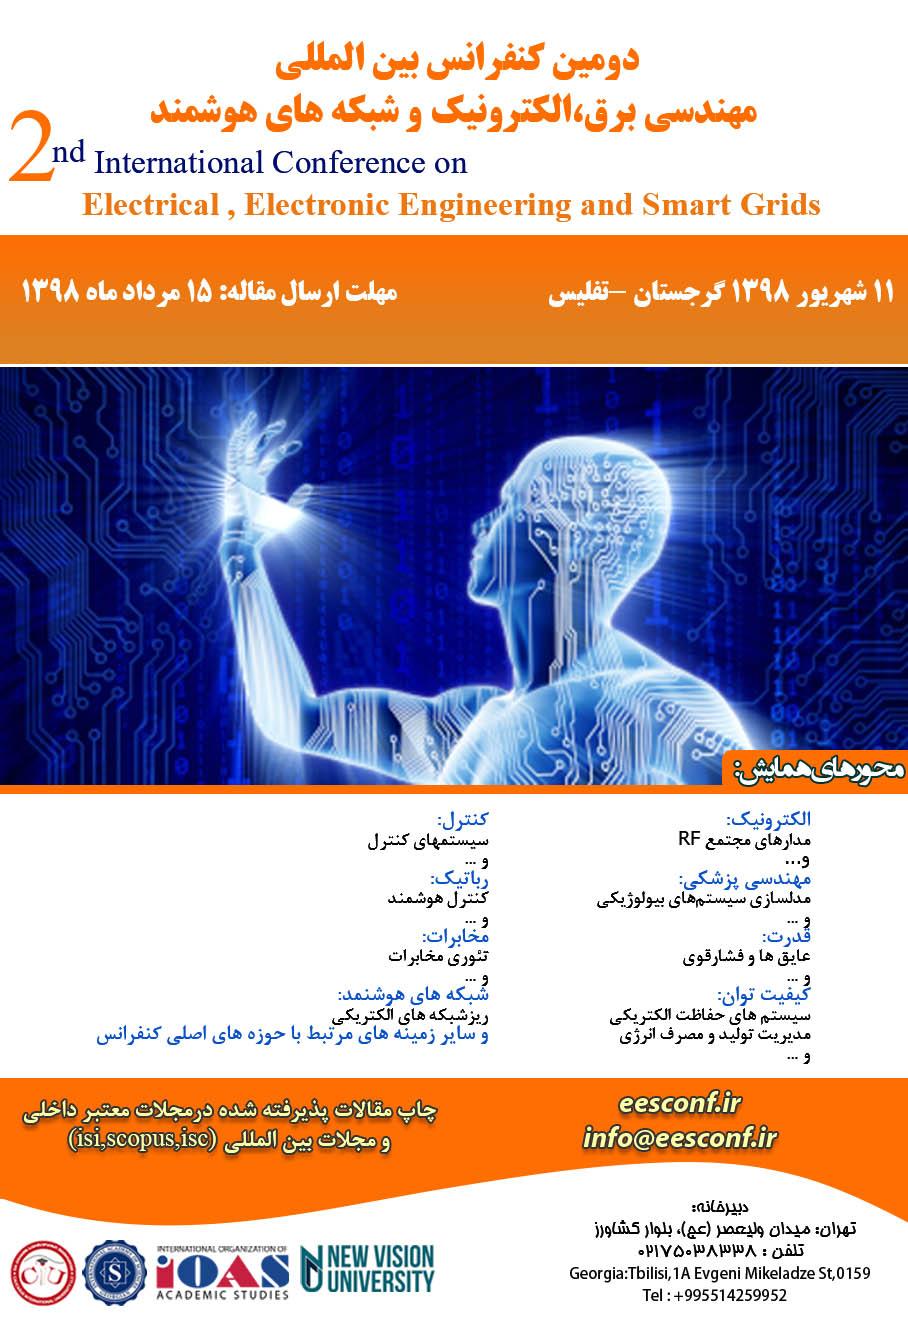 کنفرانس بین المللی - کنفرانس بین المللی مهندسی برق،الکترونیک و شبکه های هوشمند